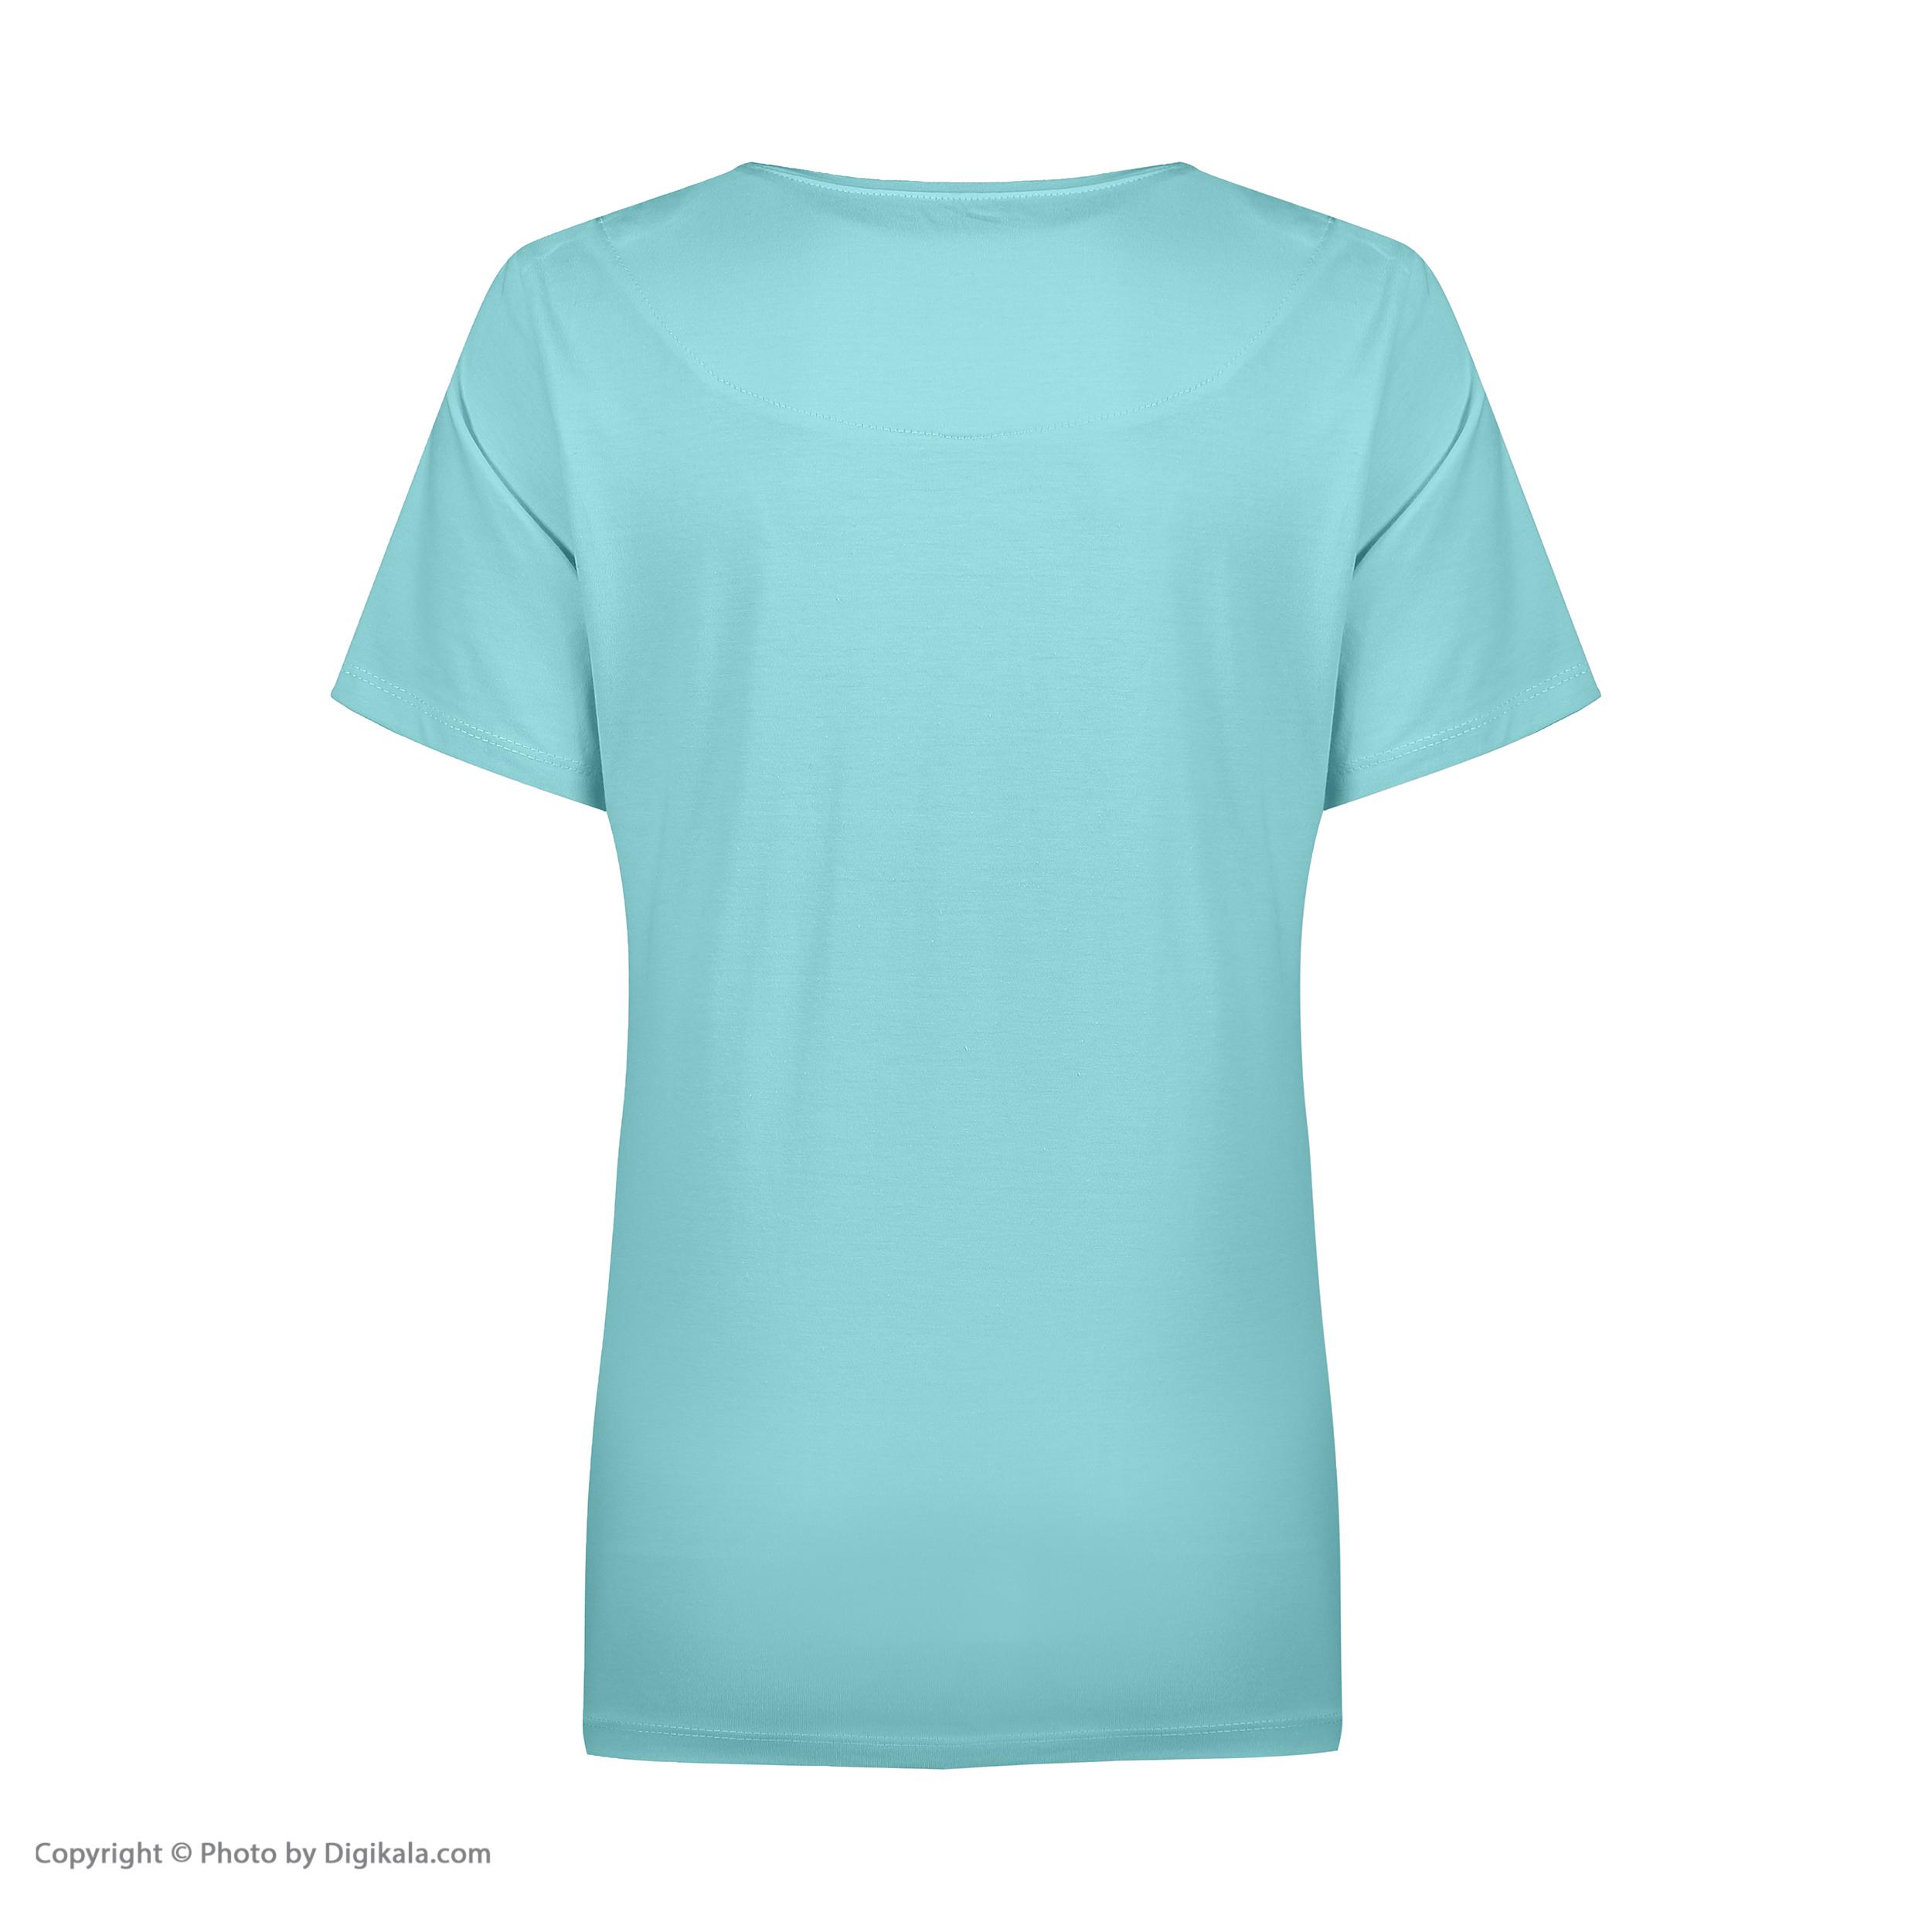 ست تی شرت و شلوارک راحتی زنانه مادر مدل 2041101-54 -  - 6